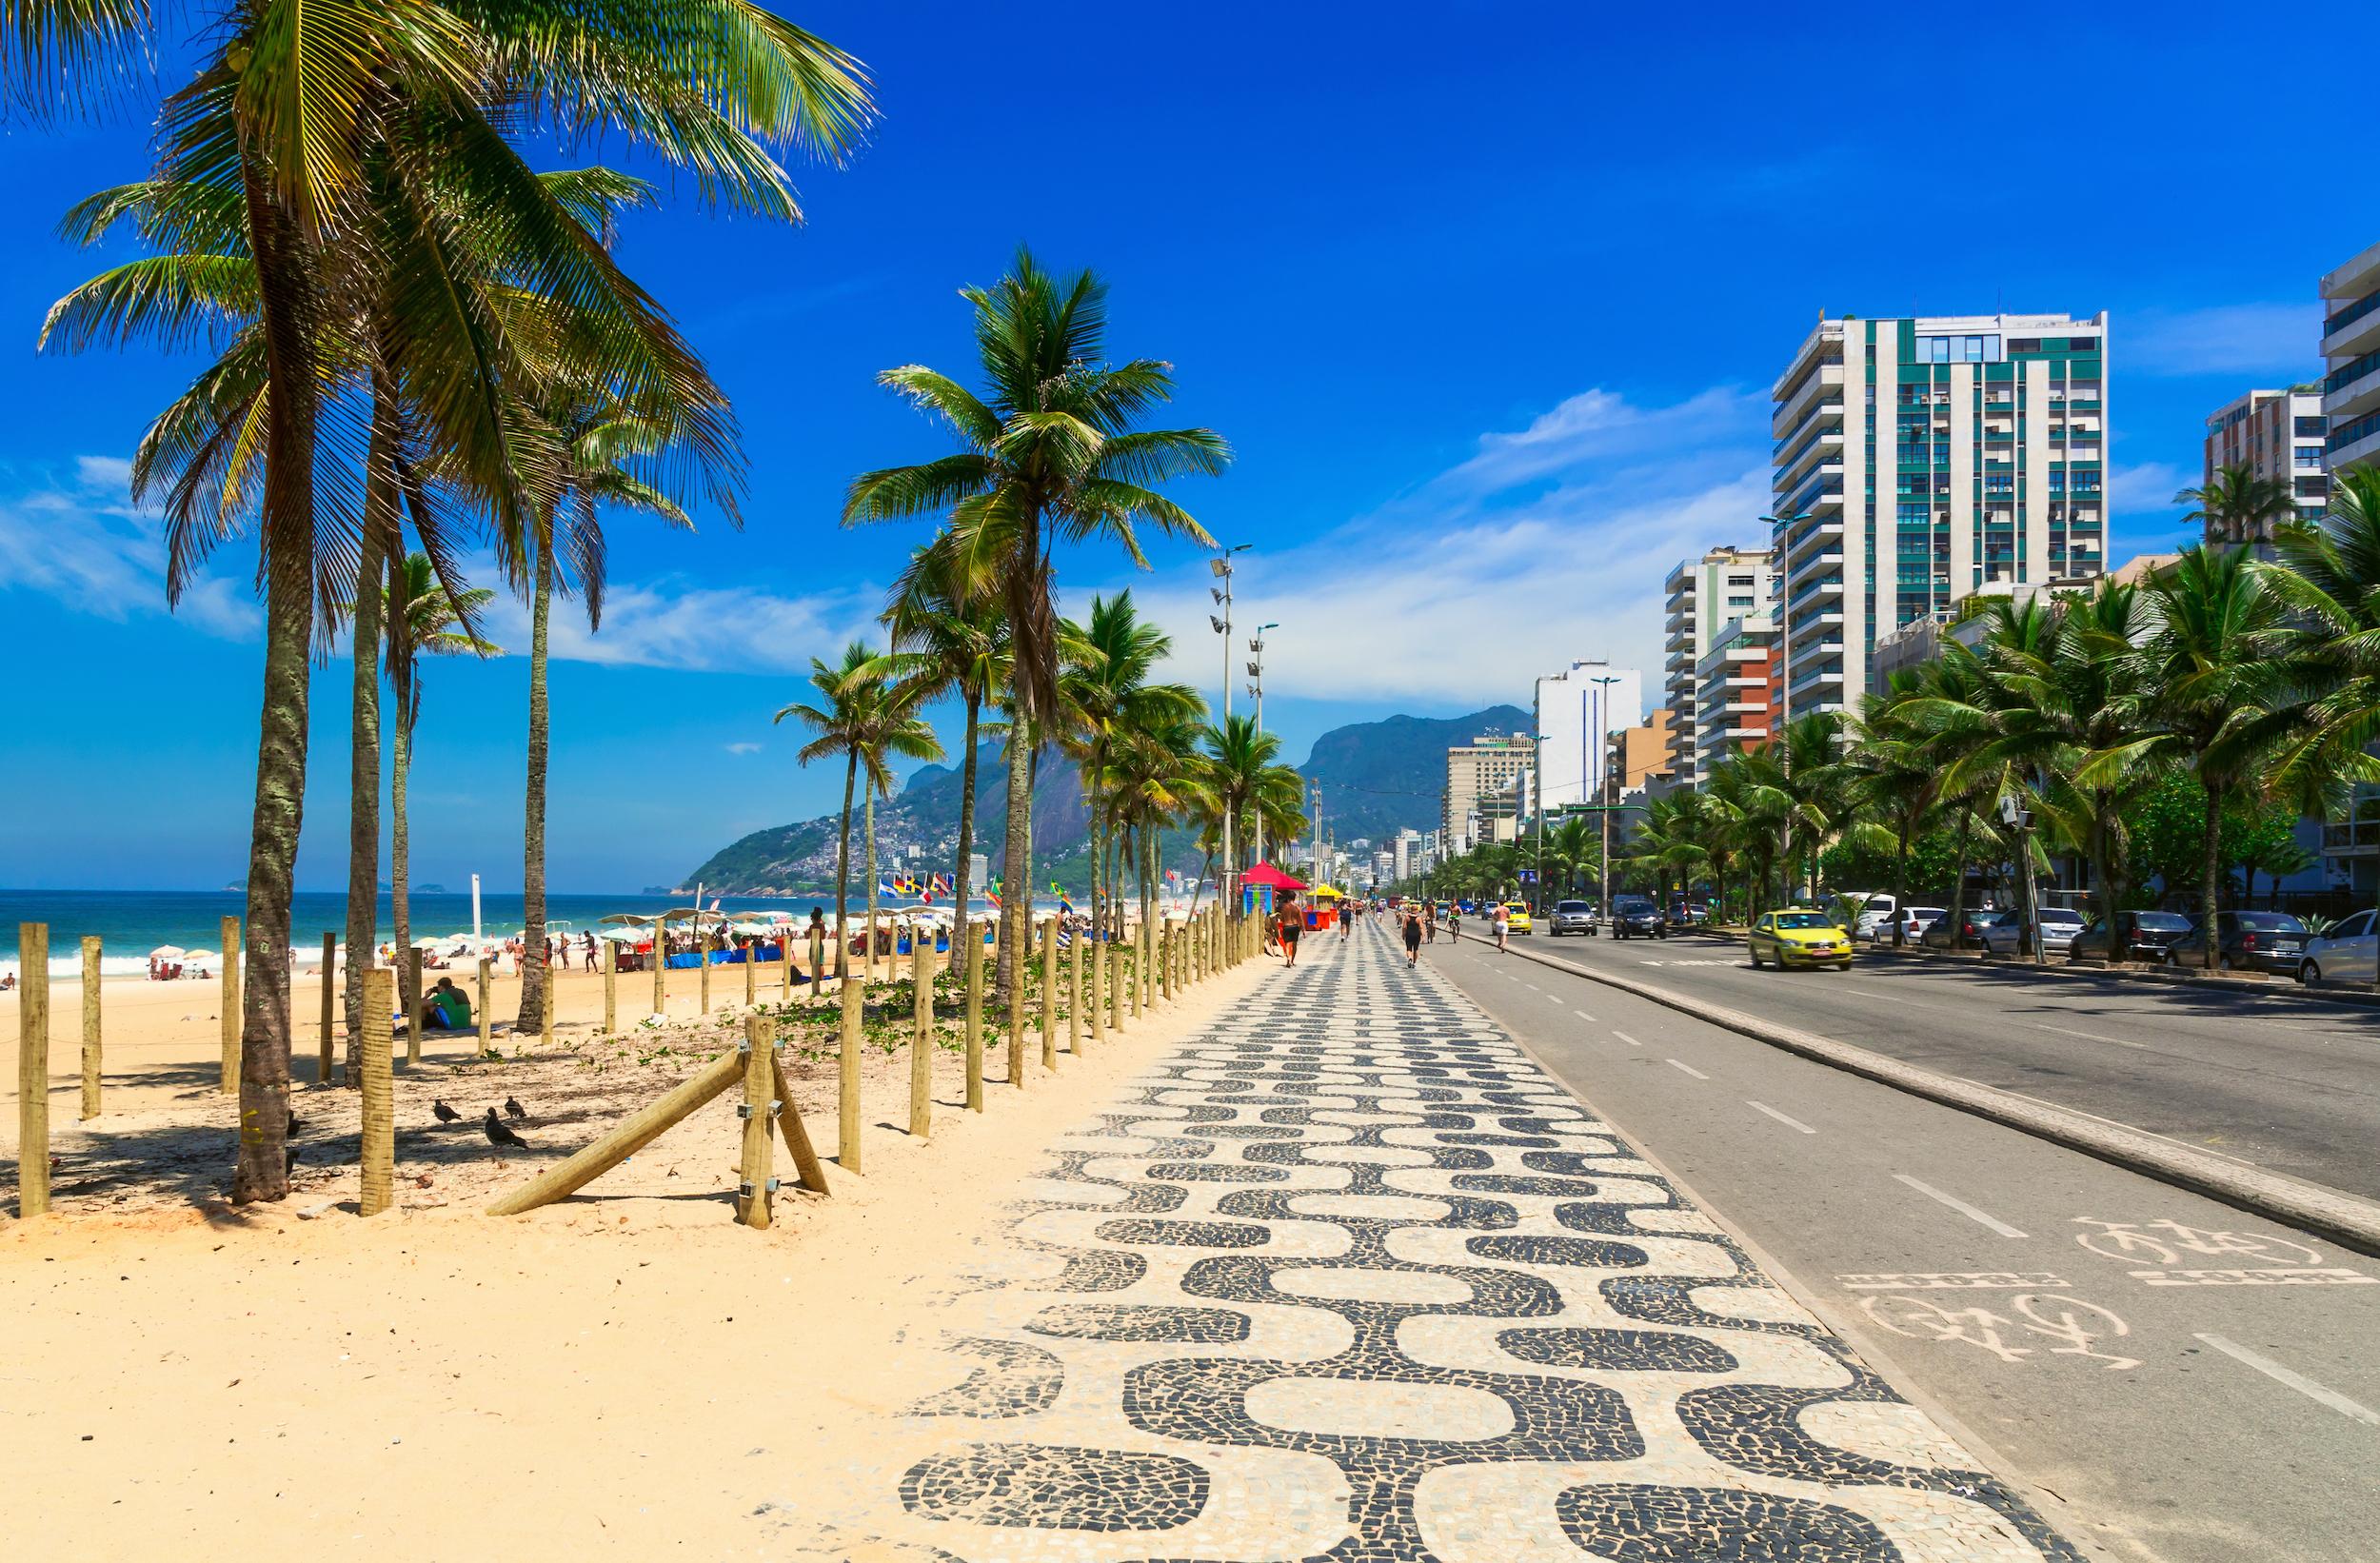 PVT Bresil - Rio de Janeiro - Ipanema beach